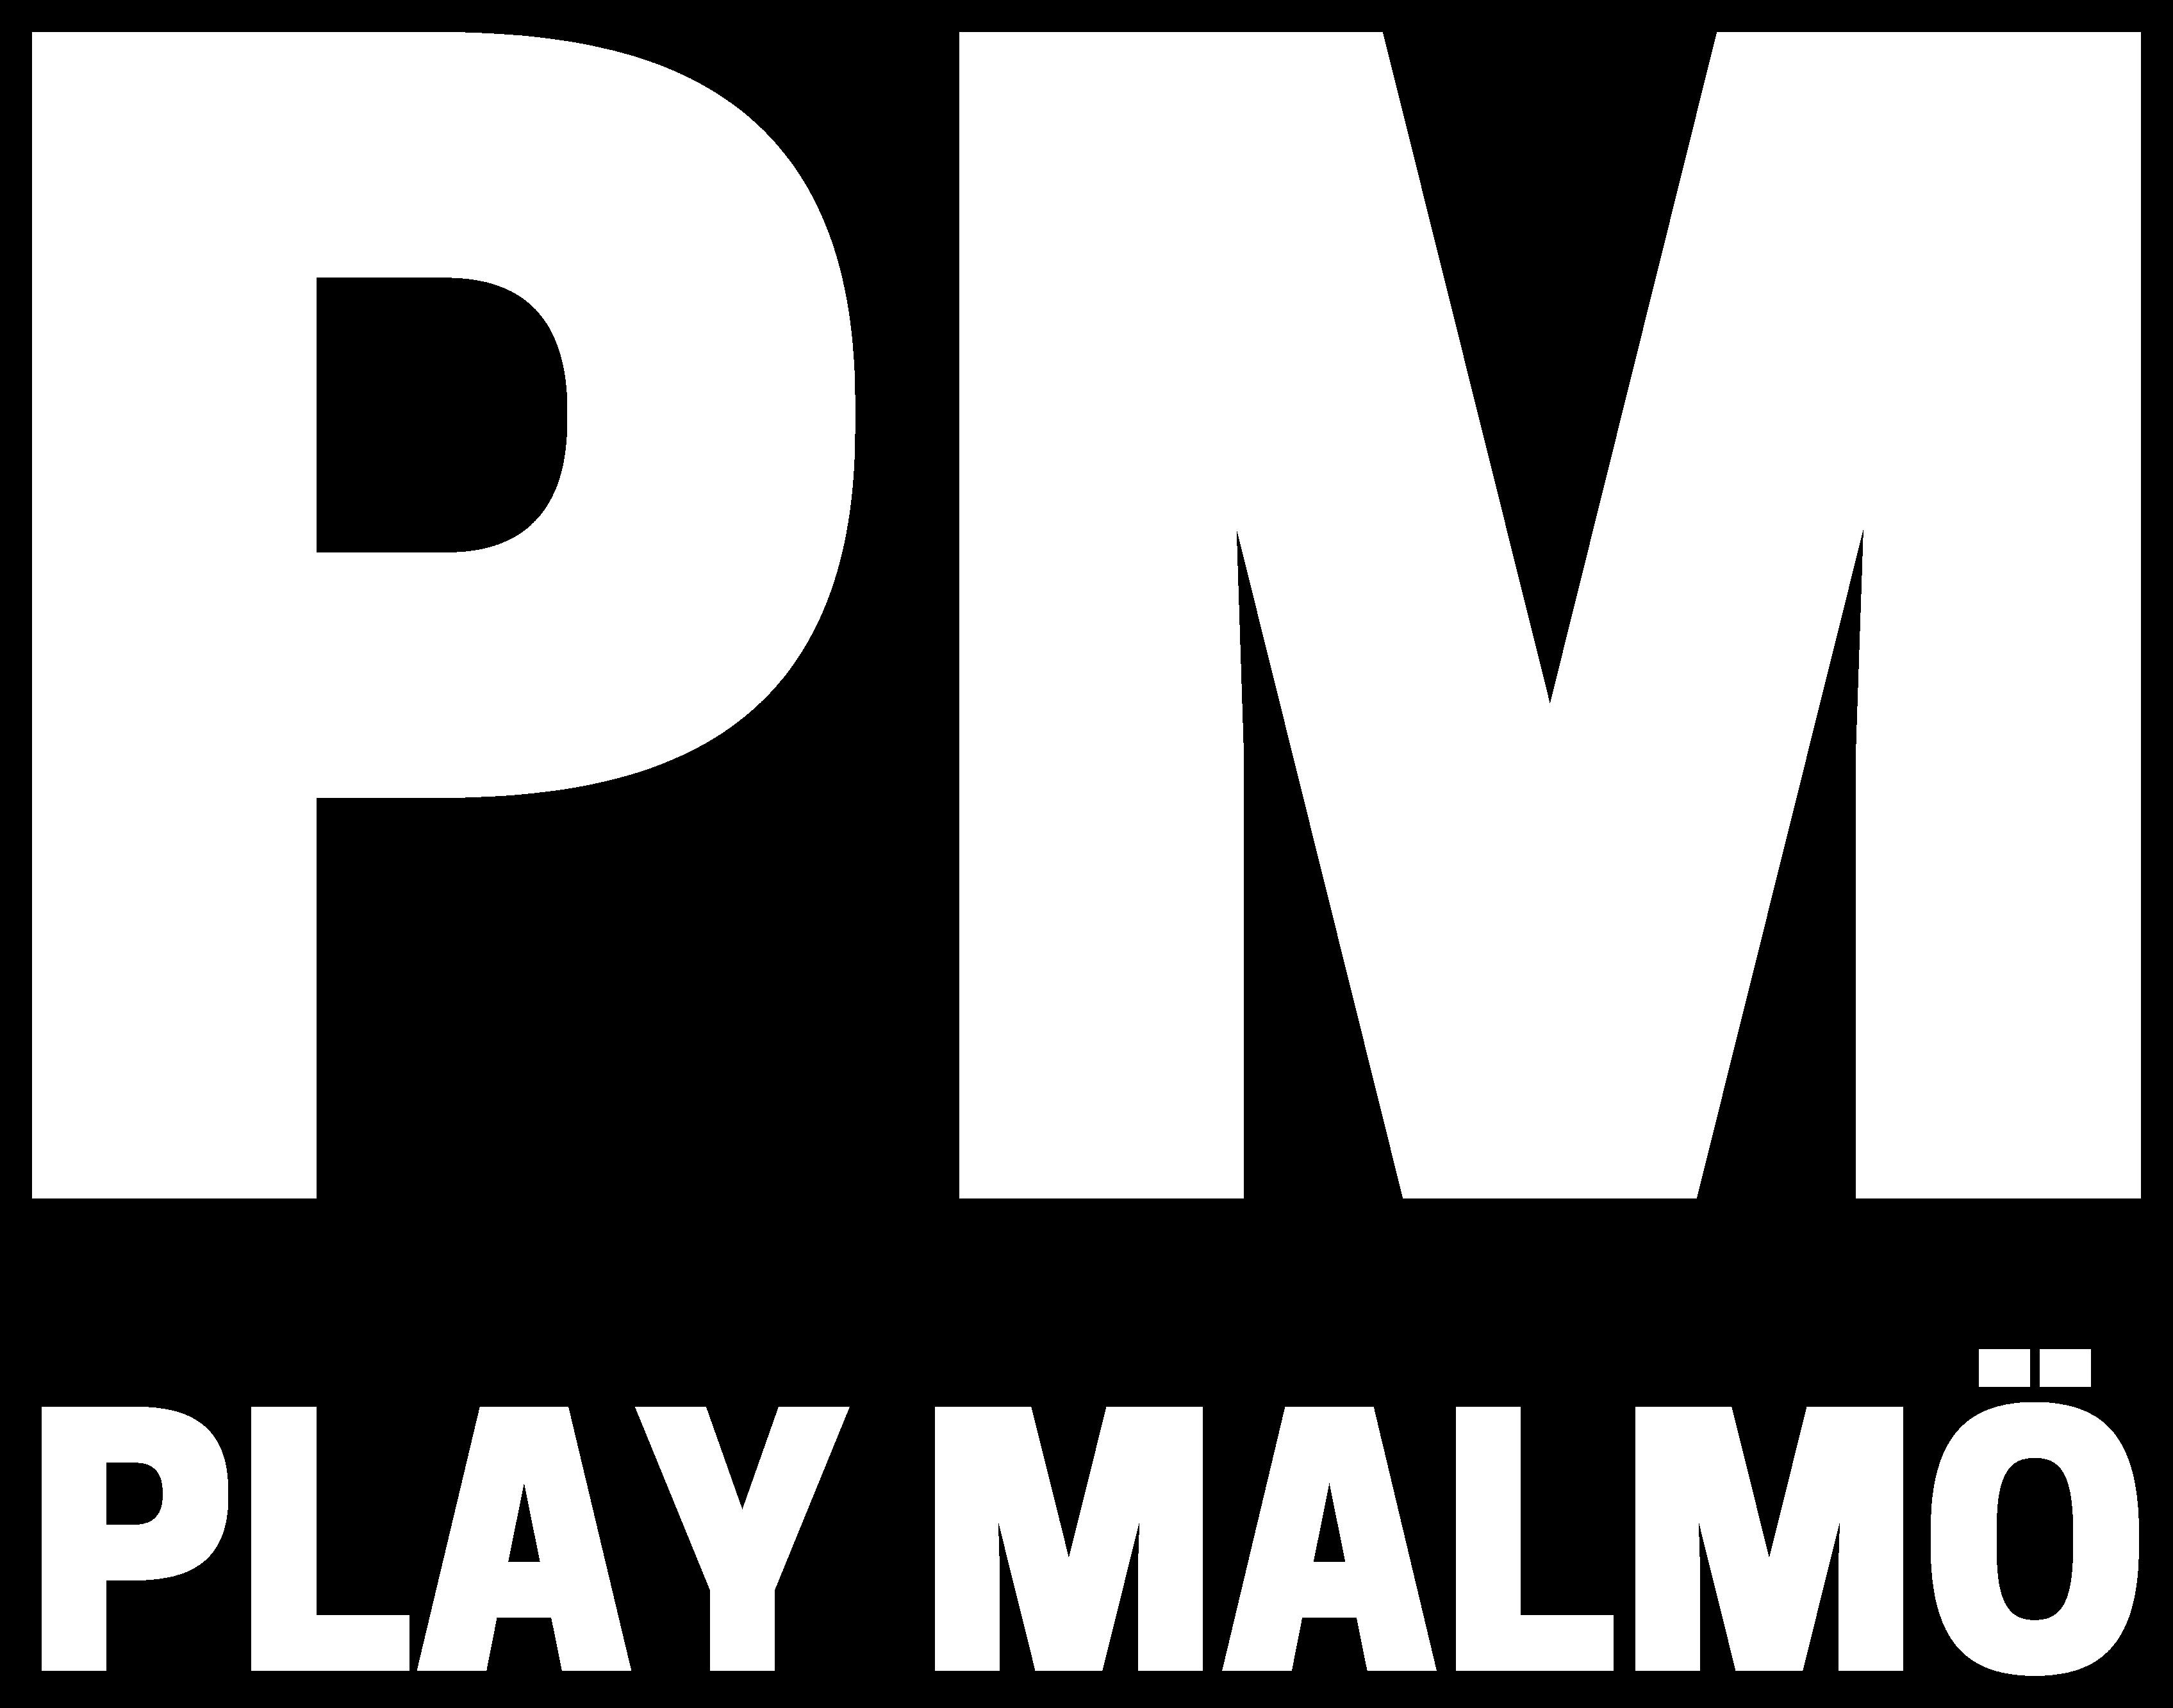 Logo We are PM - Play Malmö - Esports. Gaming. Streaming. - @playmalmo - playmalmo.se